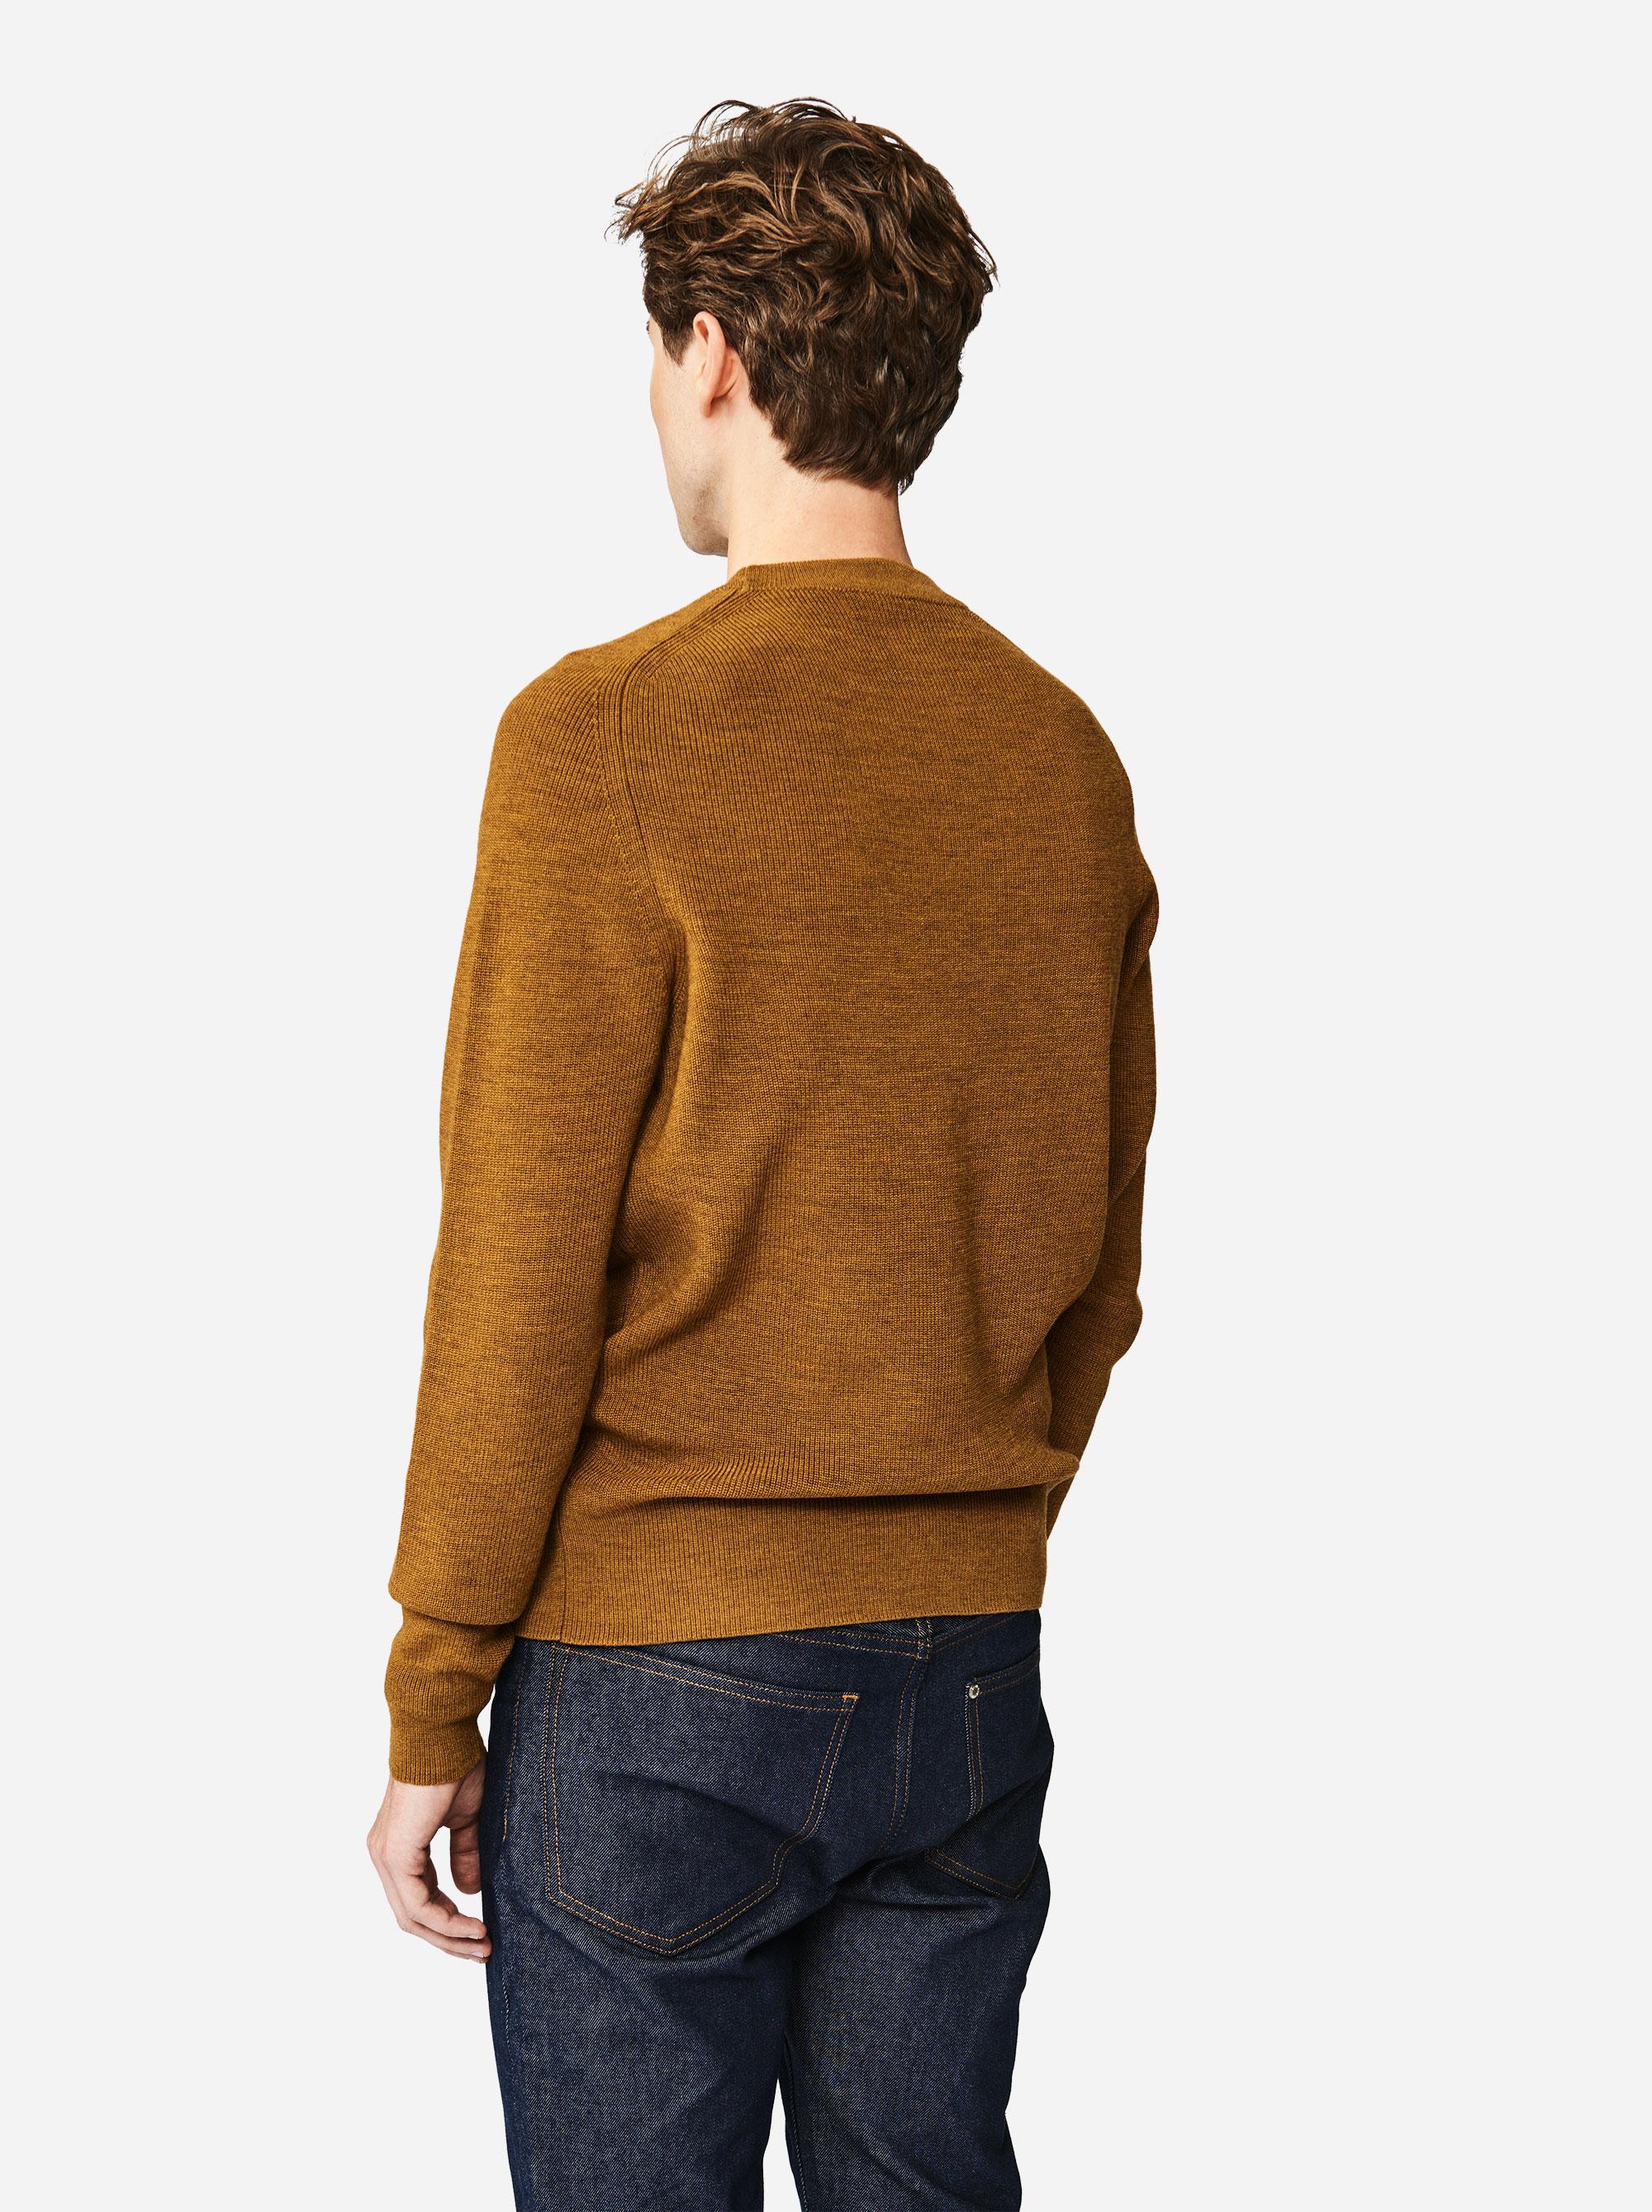 Teym - The Merino Sweater - Men - Mustard - 1